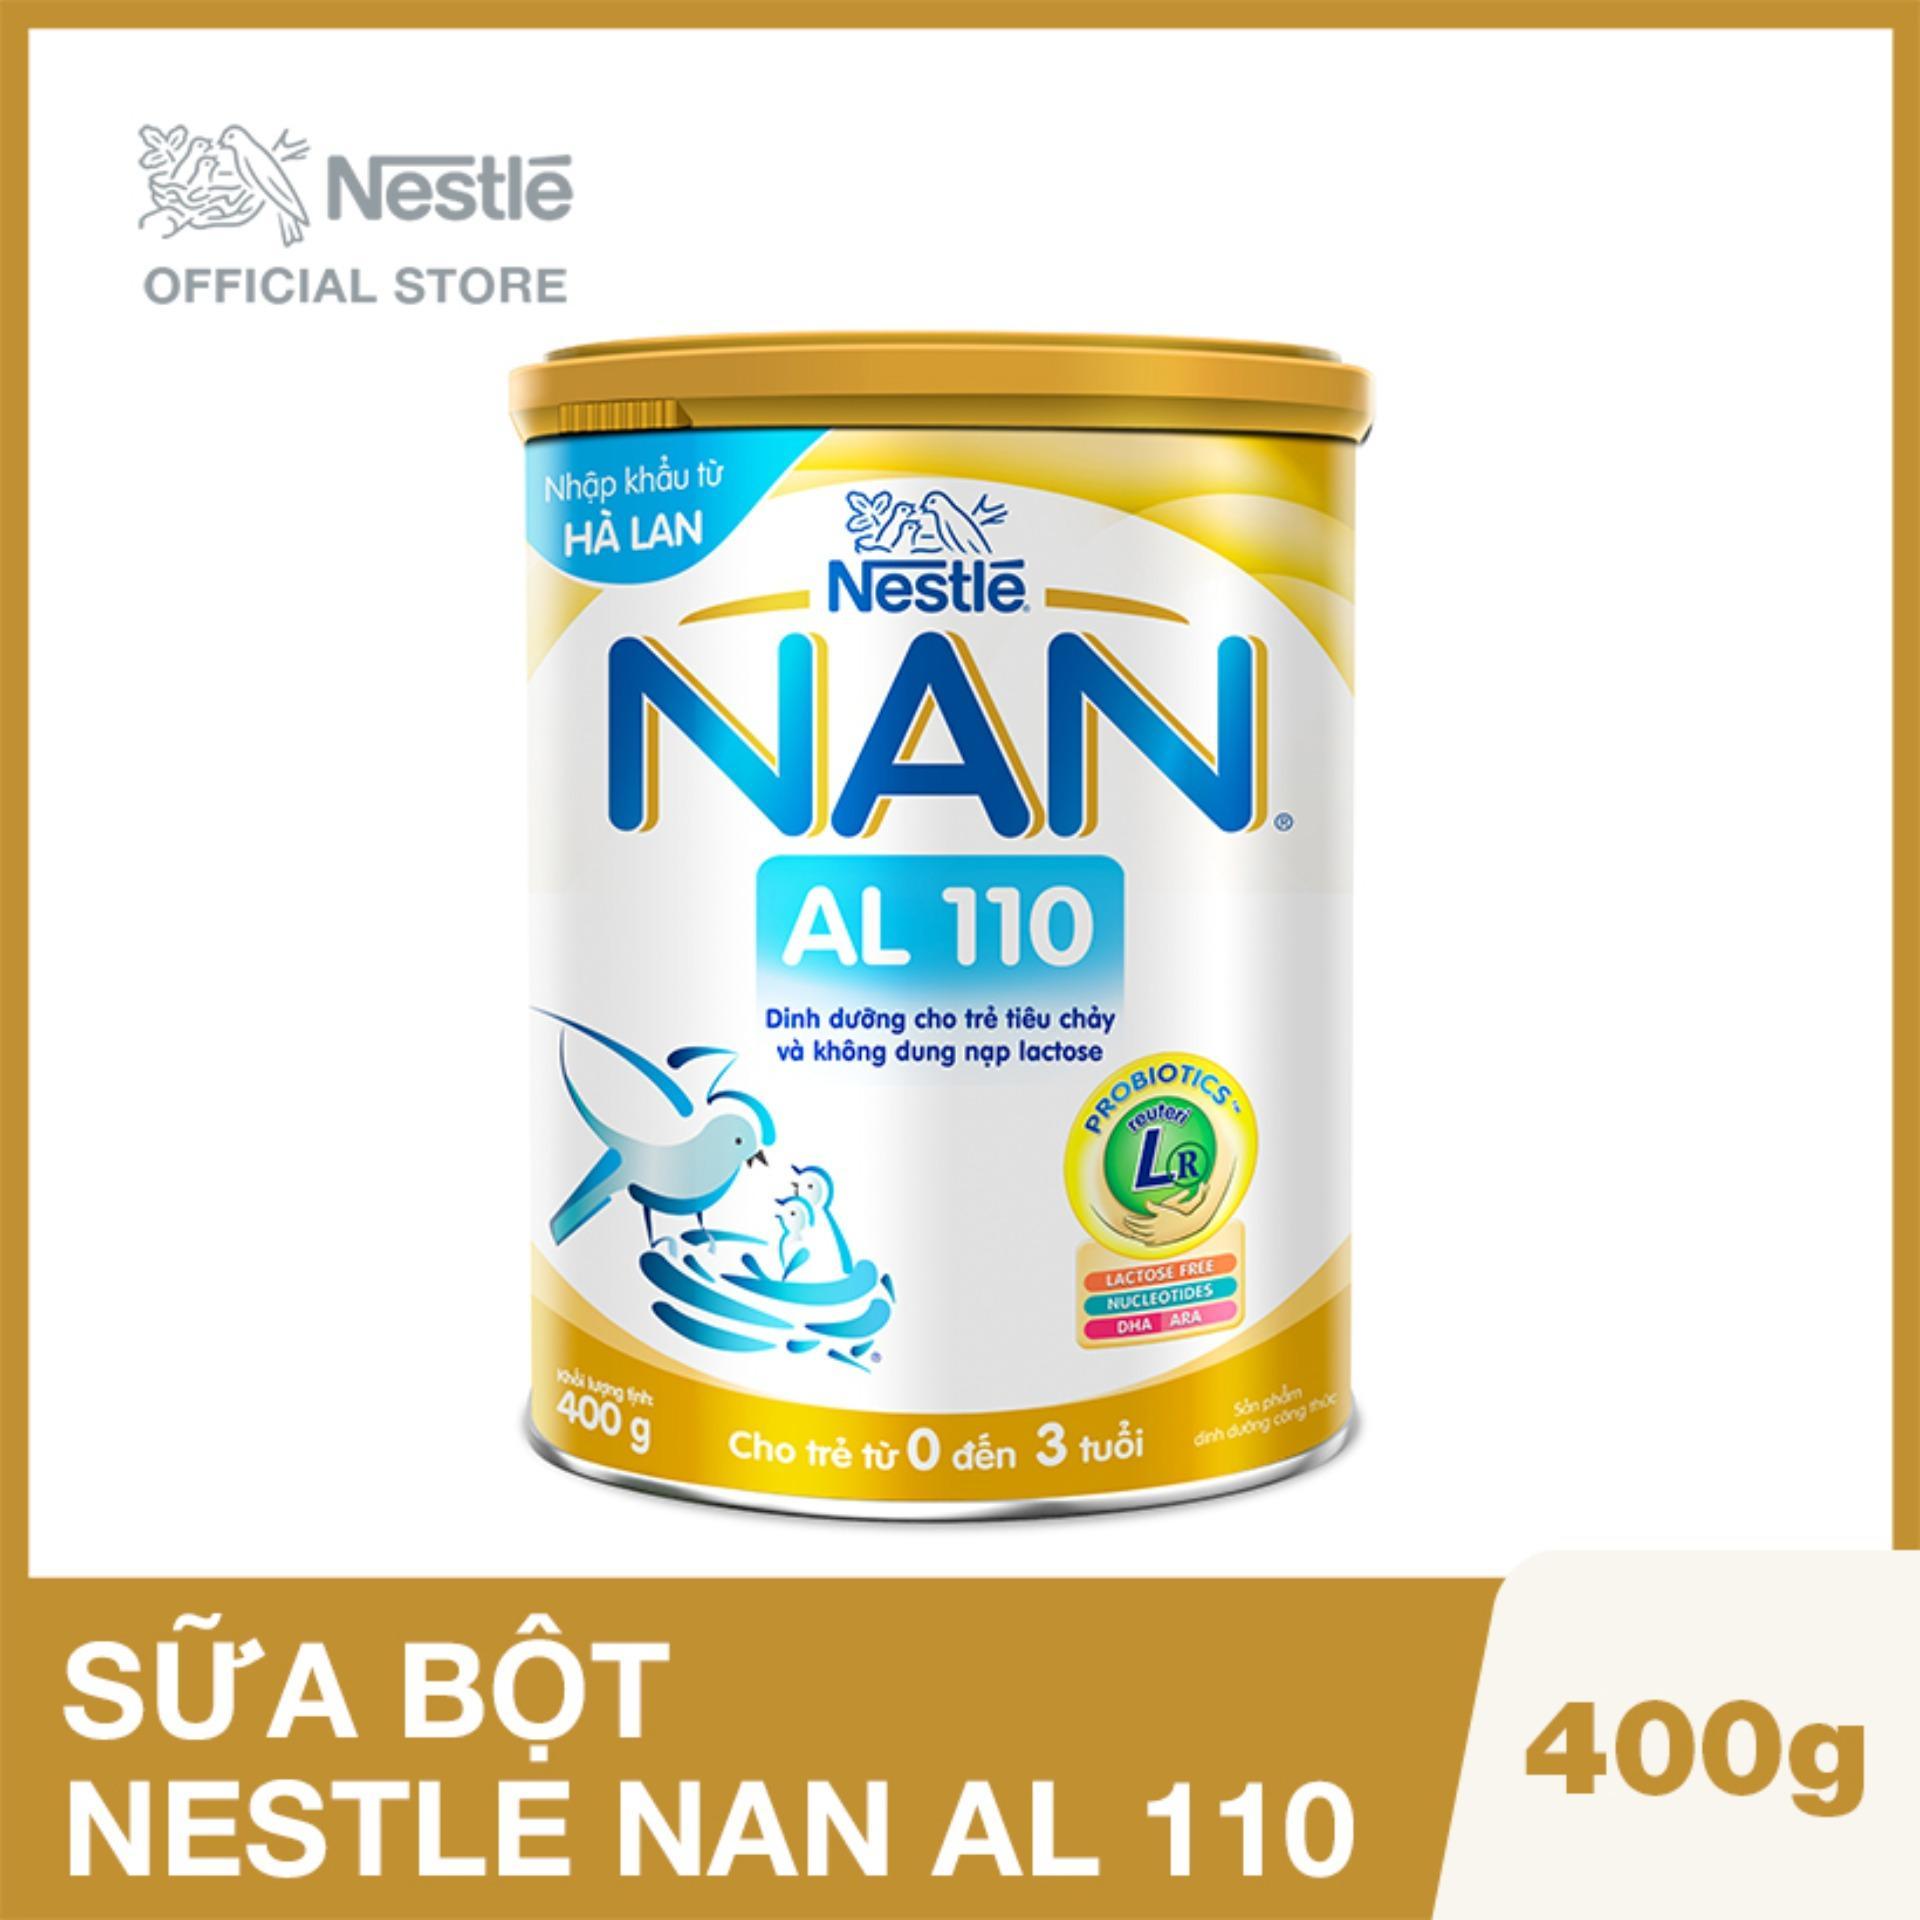 Sữa bột Nestle NAN AL 110 - 400g